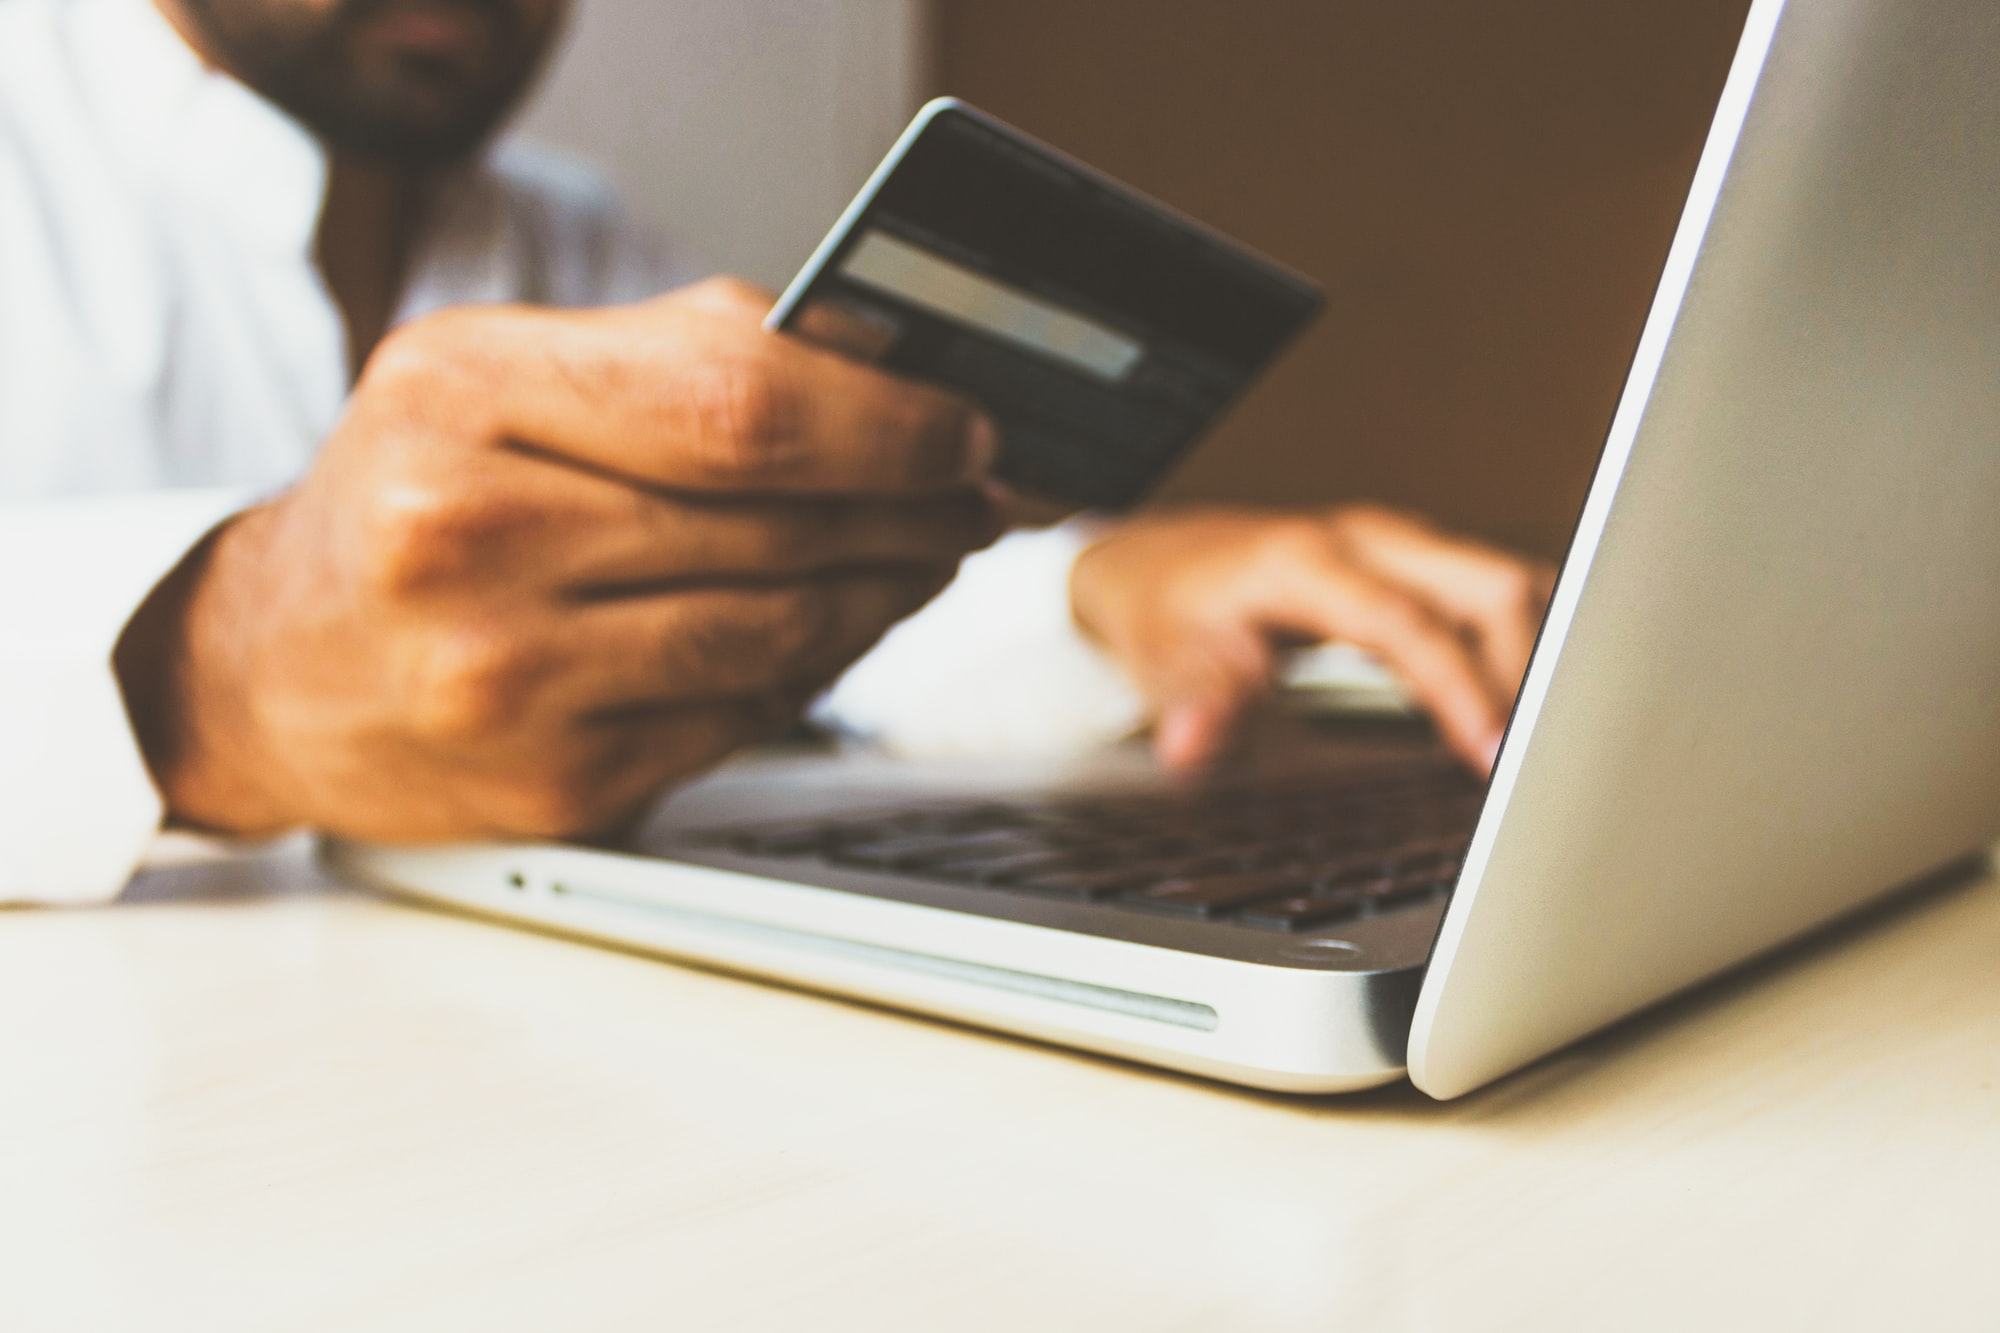 Wajib Baca! 3 Metode Pembayaran Paling Efektif untuk Bisnis Anda